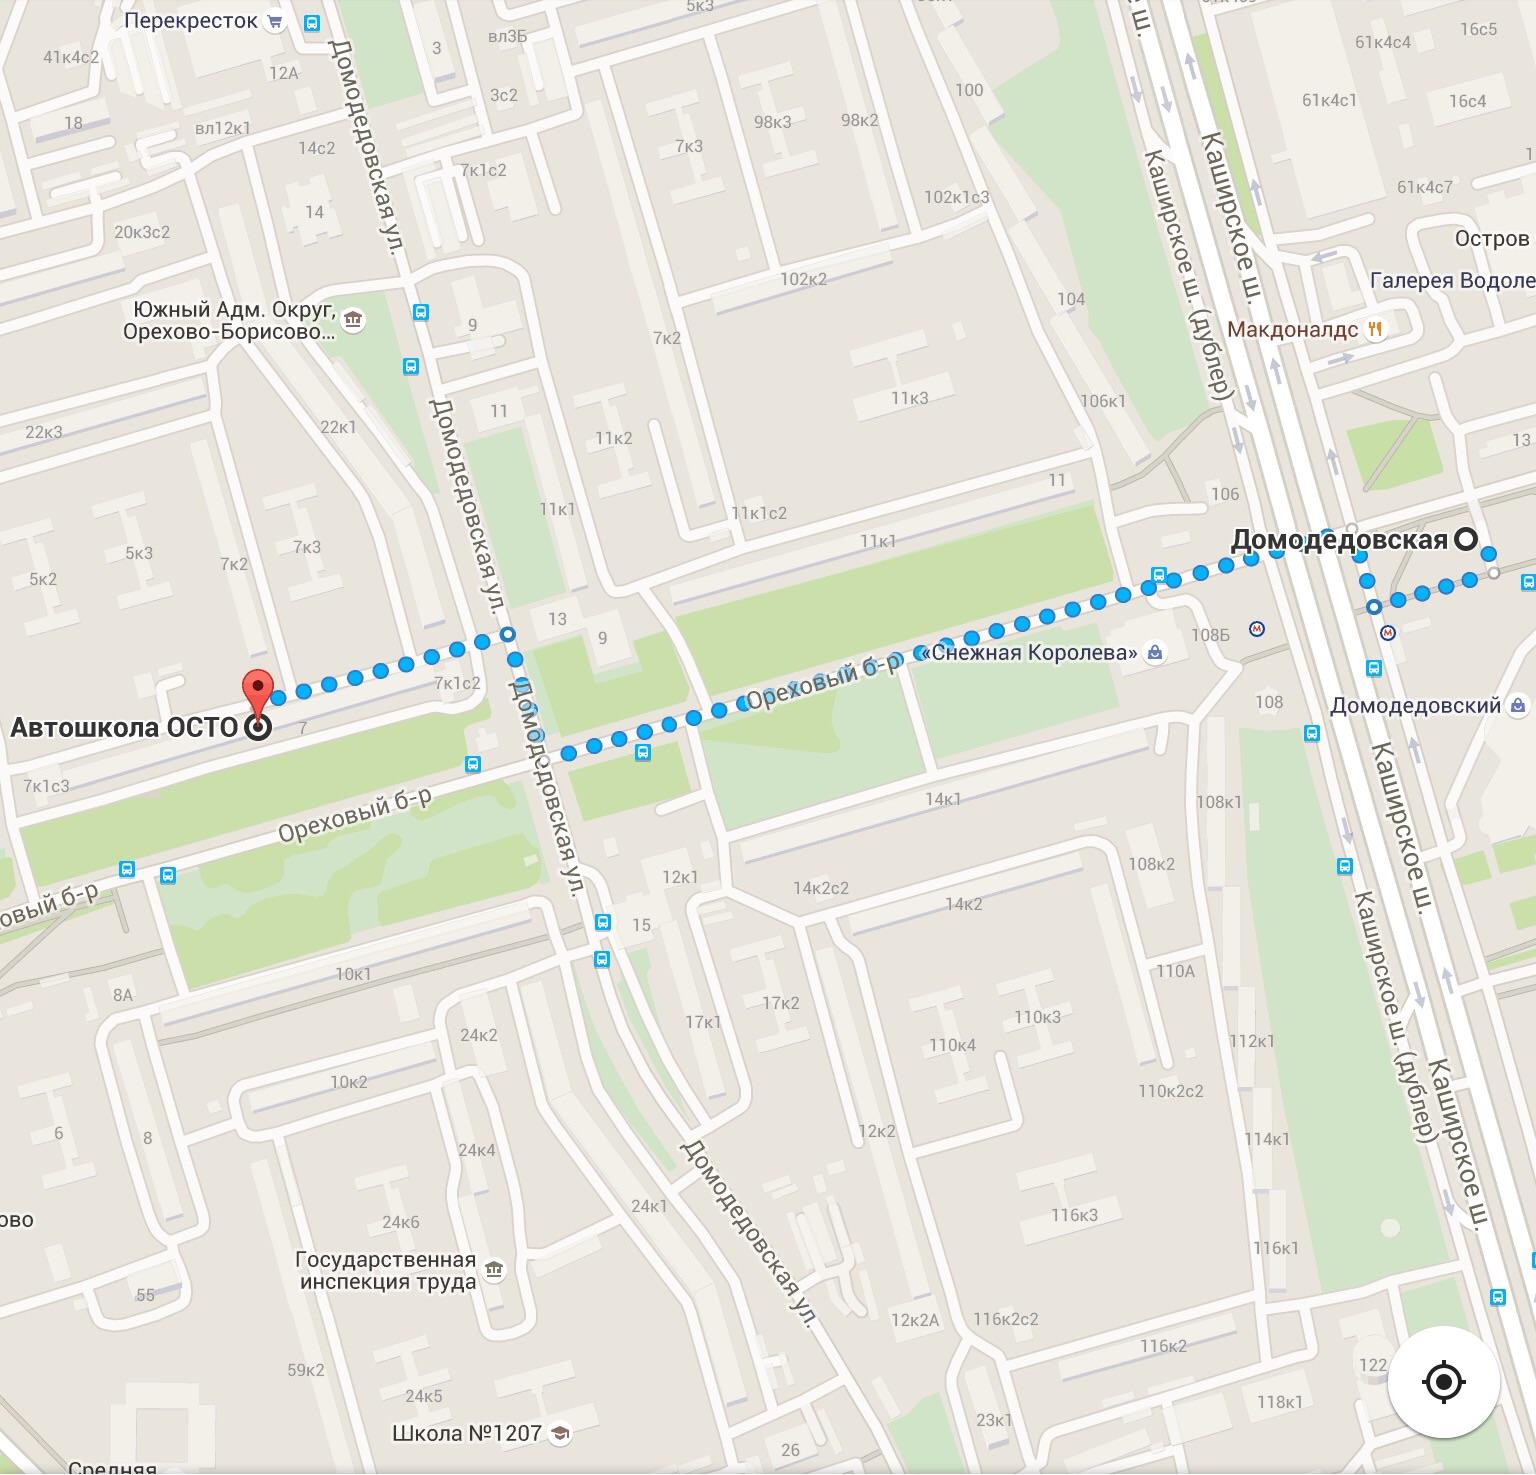 Маршрут до автошколы от метро Домодедовская